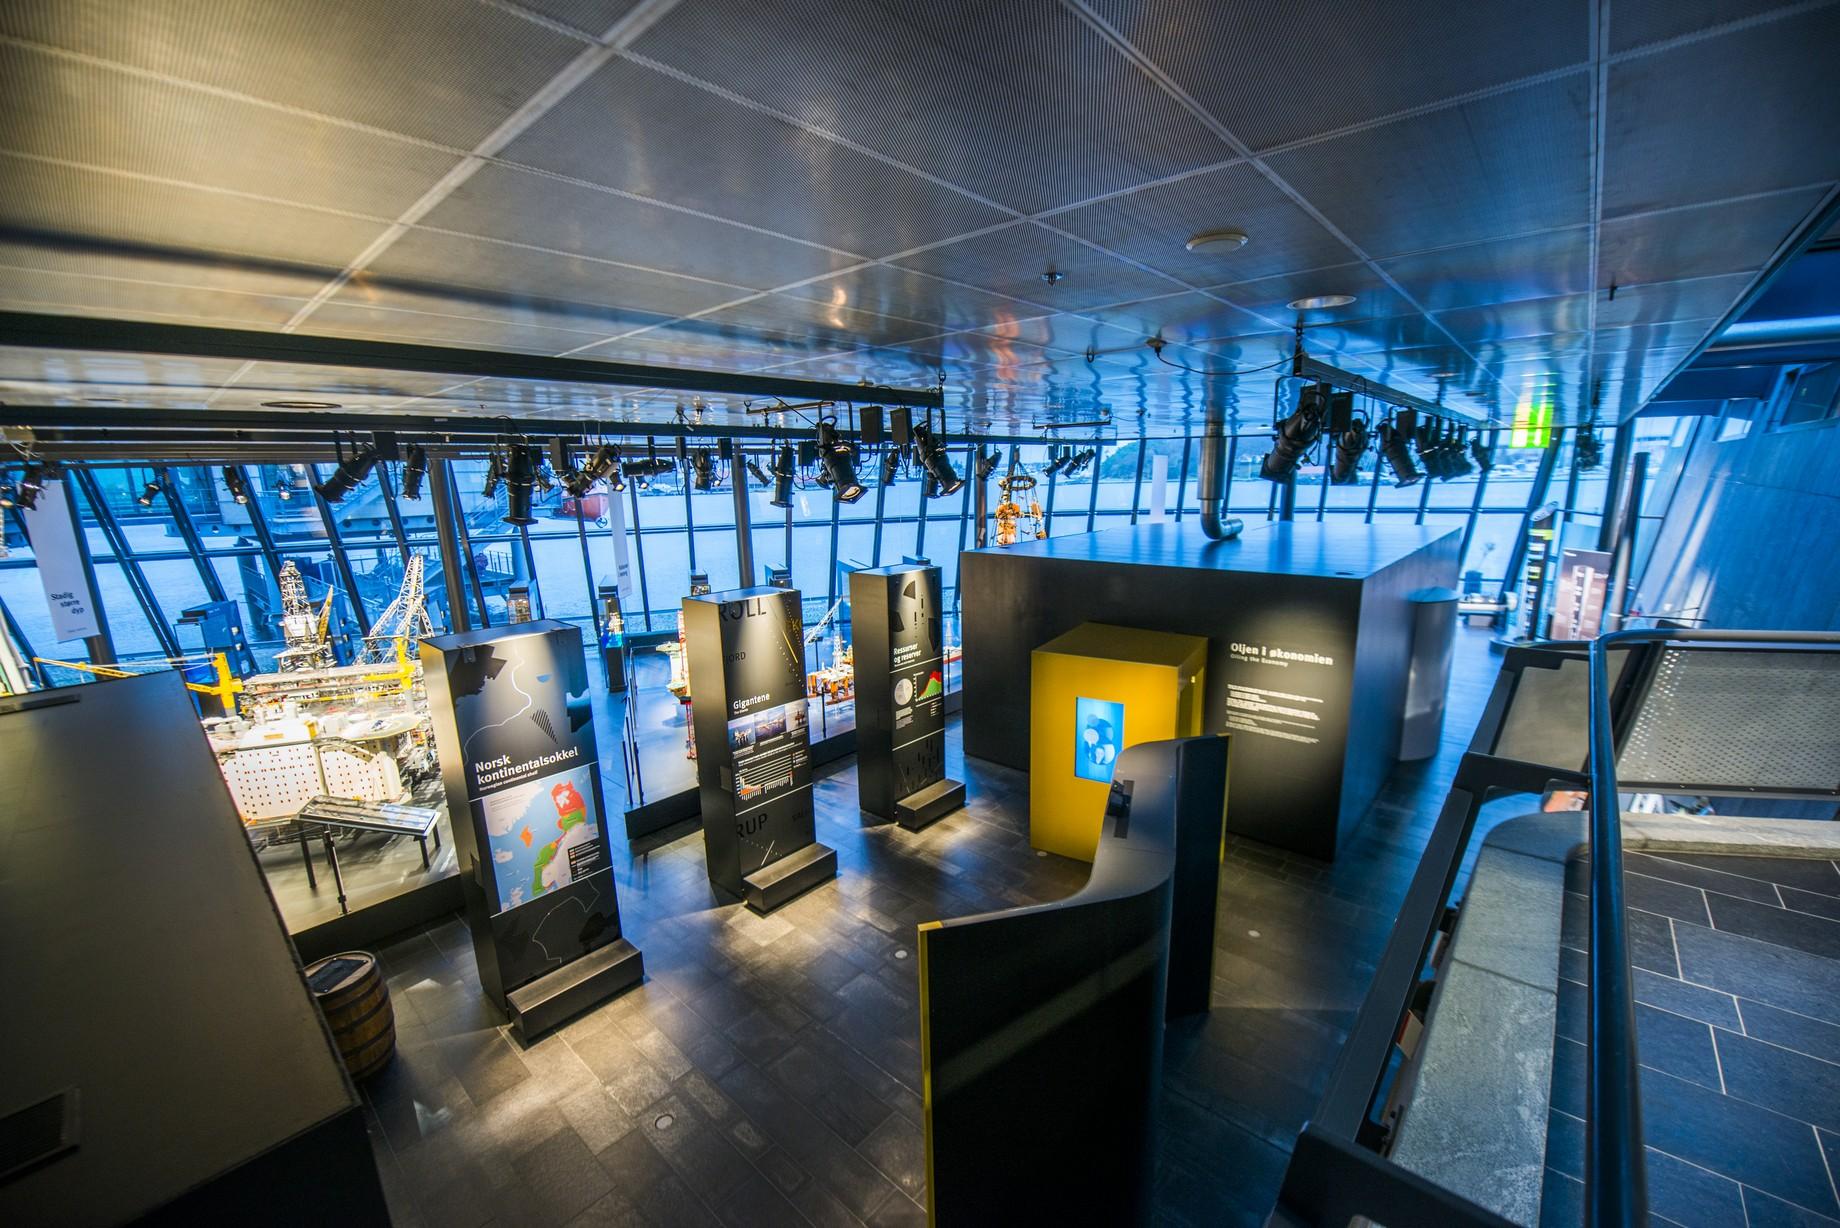 Oljemuseets utstillinger prolog og økonomiutstilling foto Fredrik Ringe